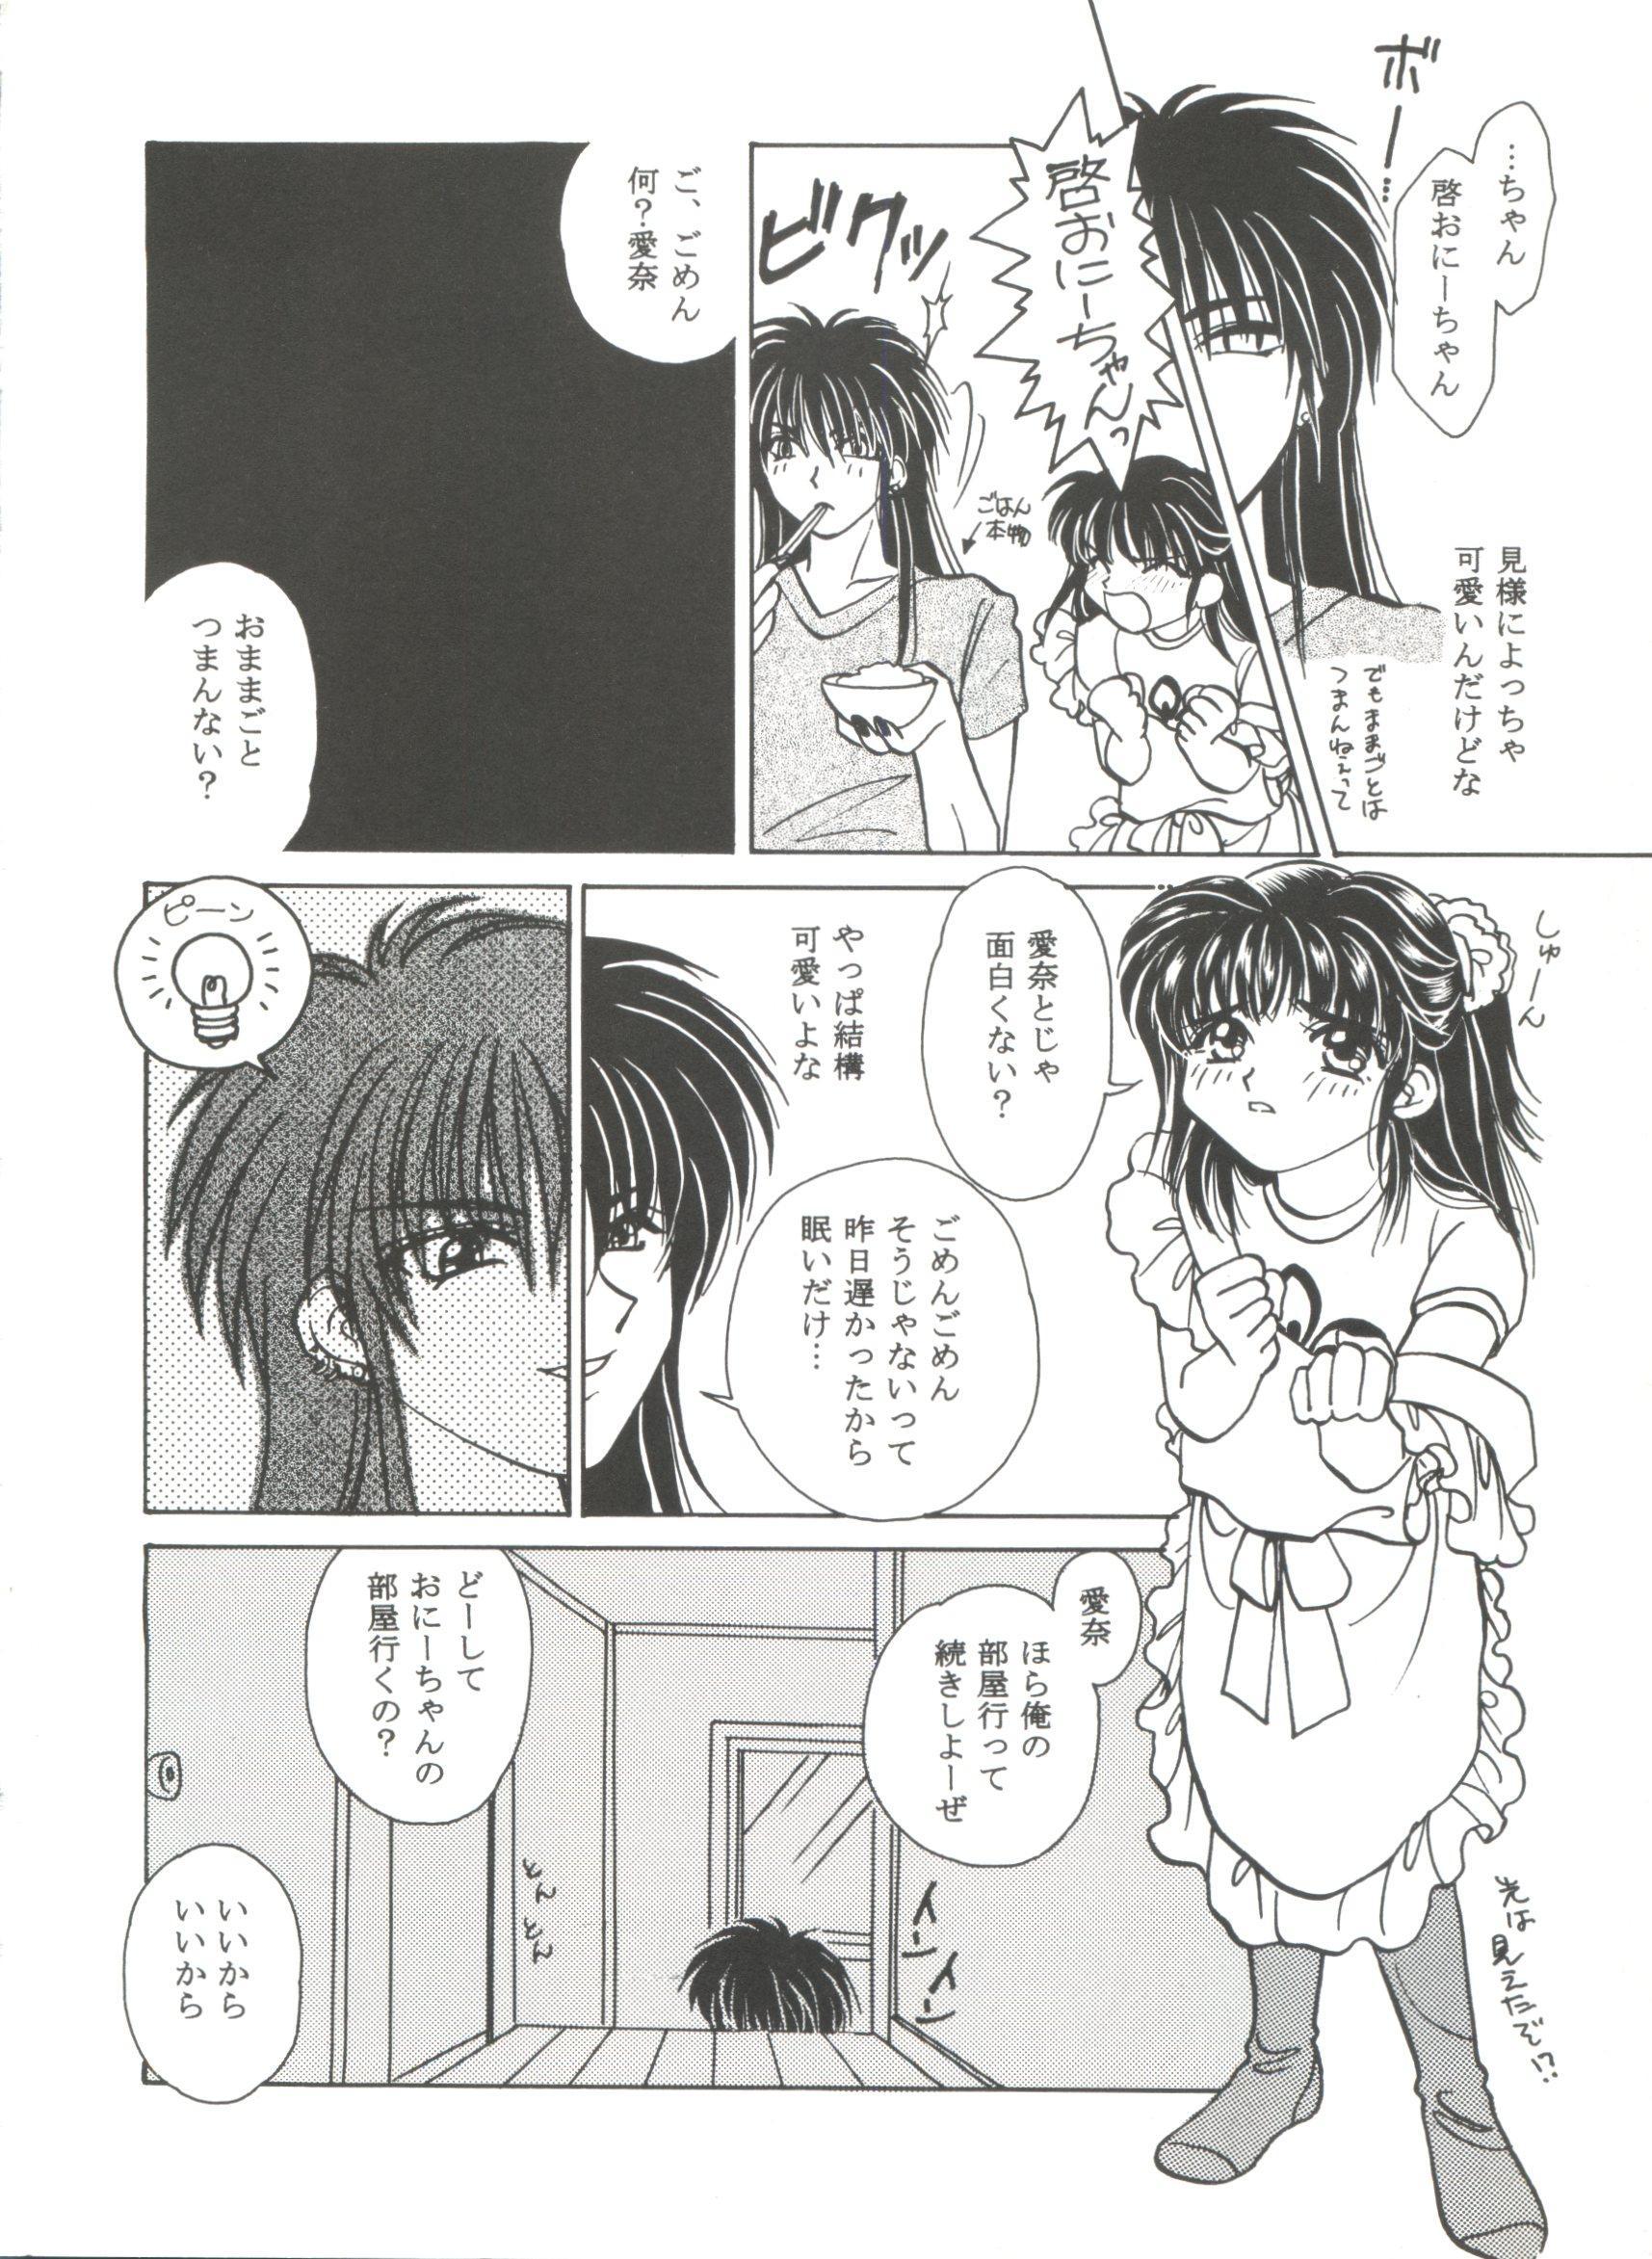 Bishoujo Doujinshi Anthology Cute 4 119